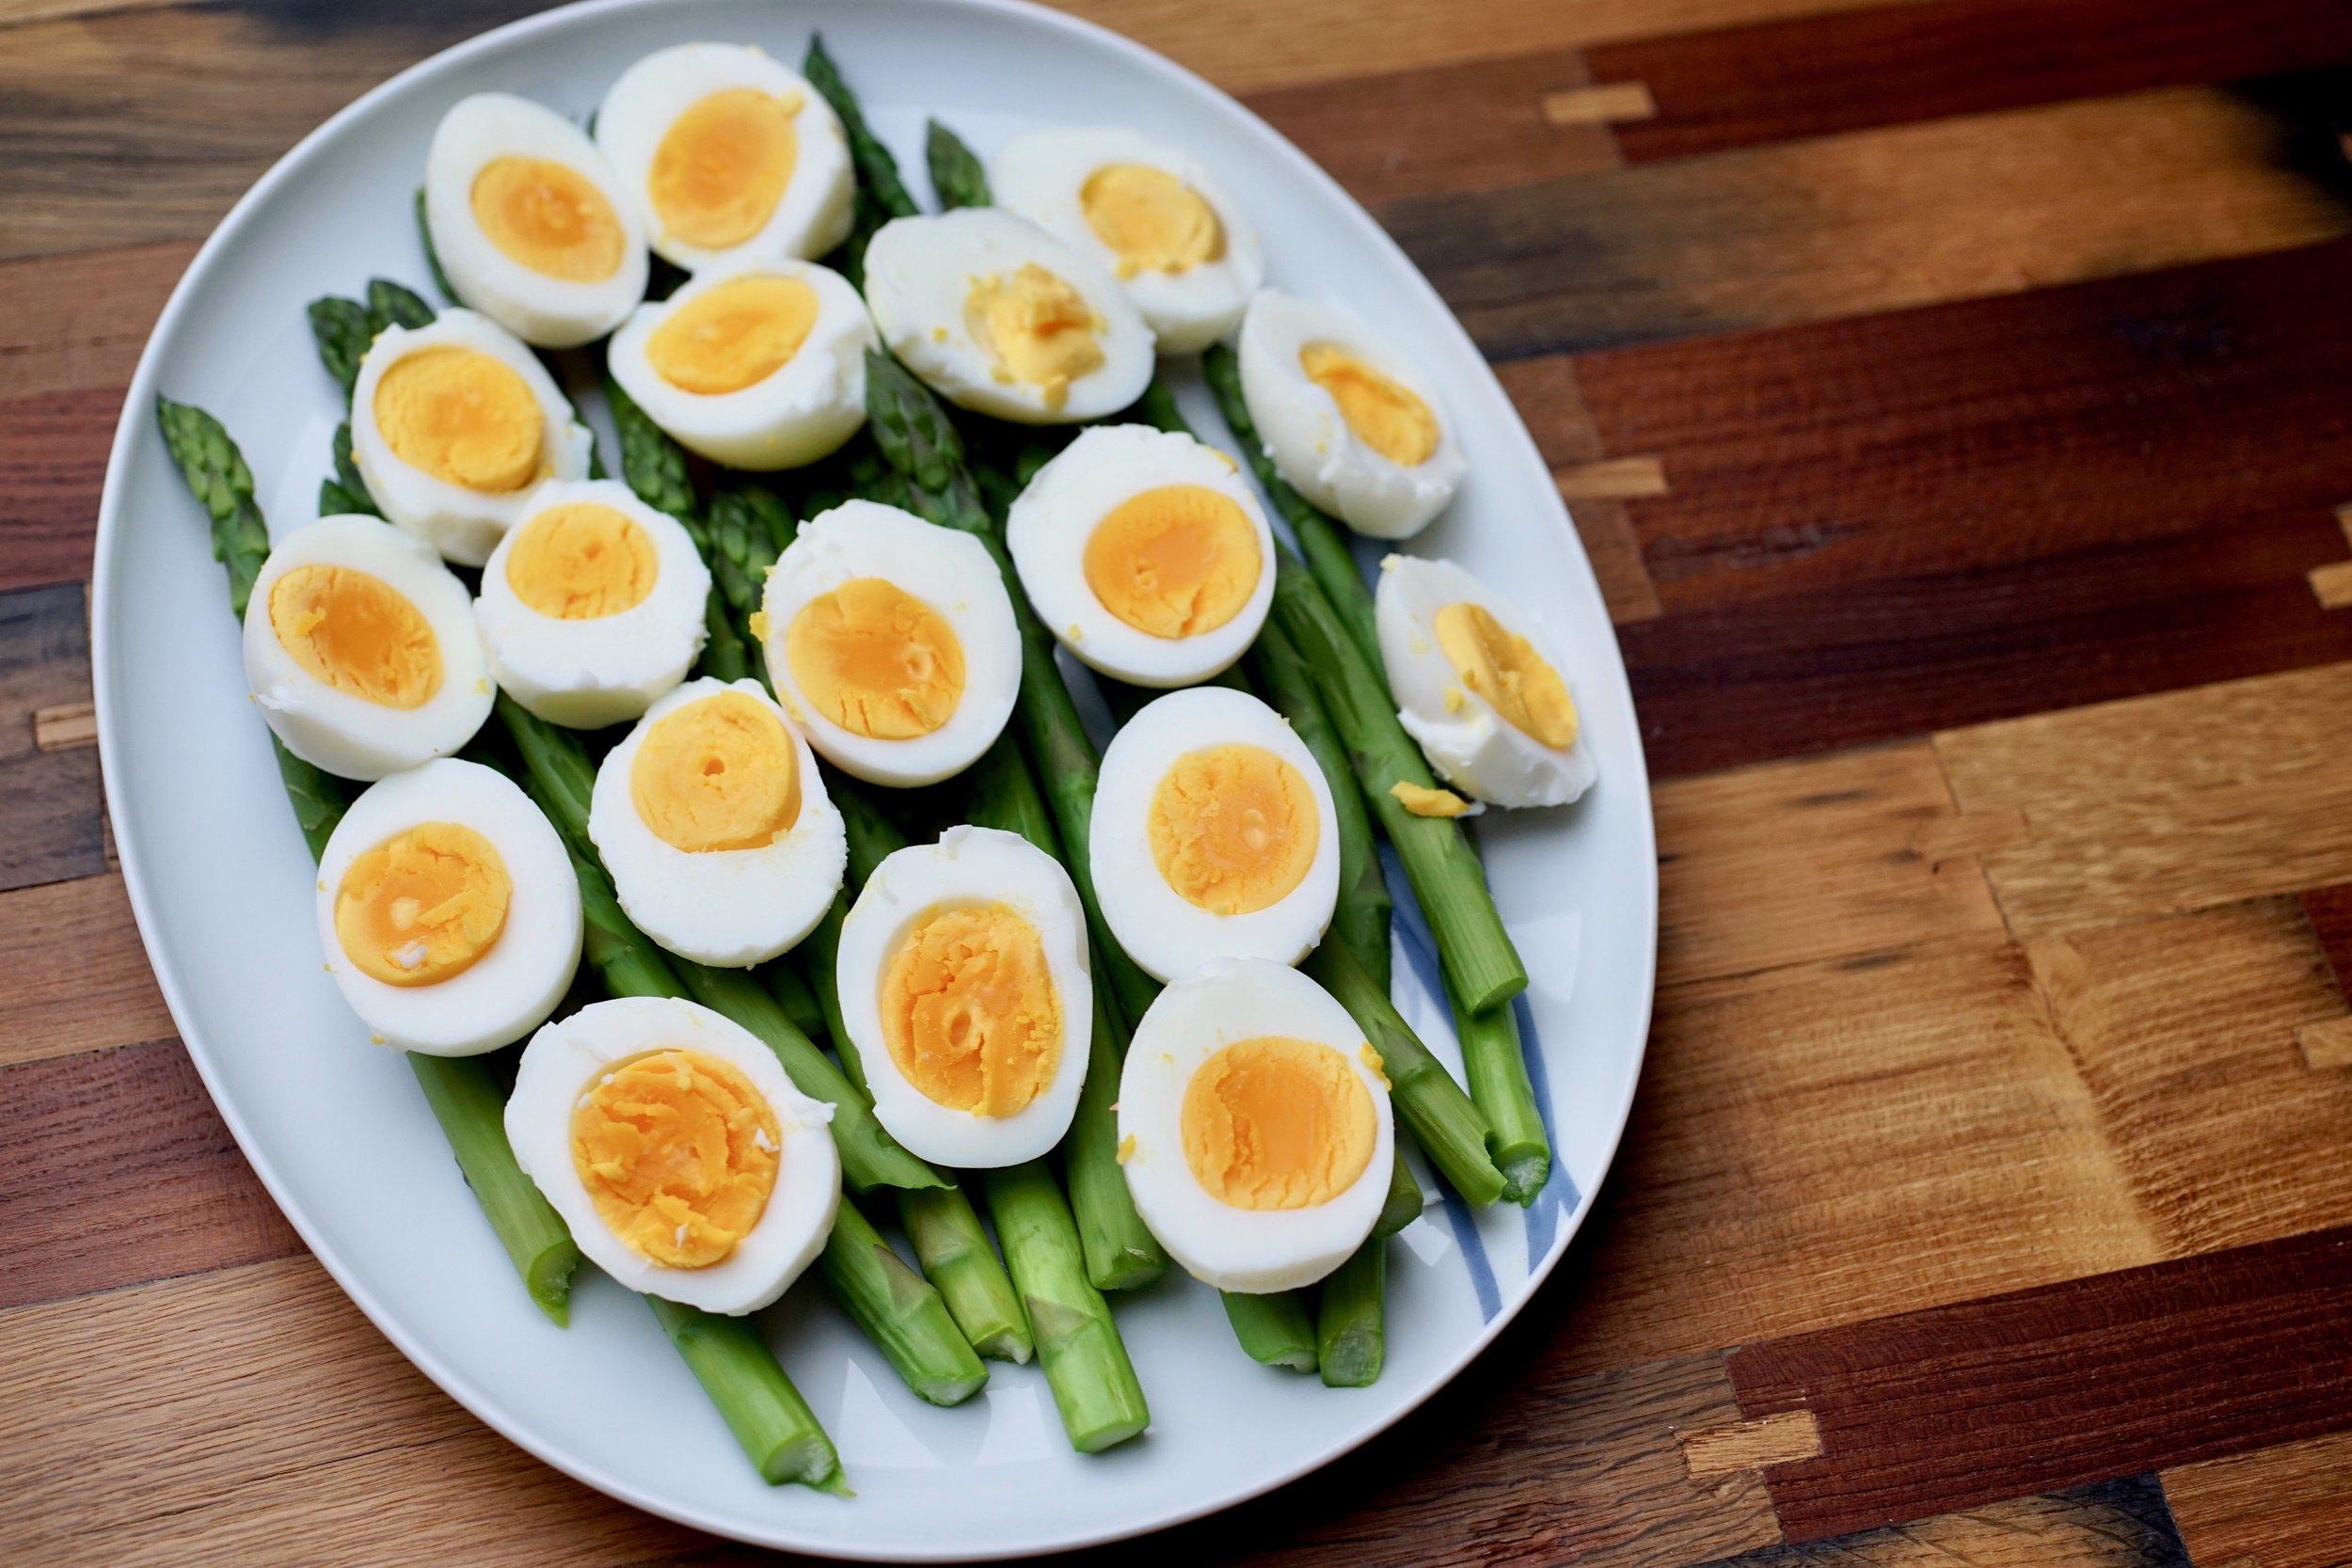 More eggs? - Eiervorässe